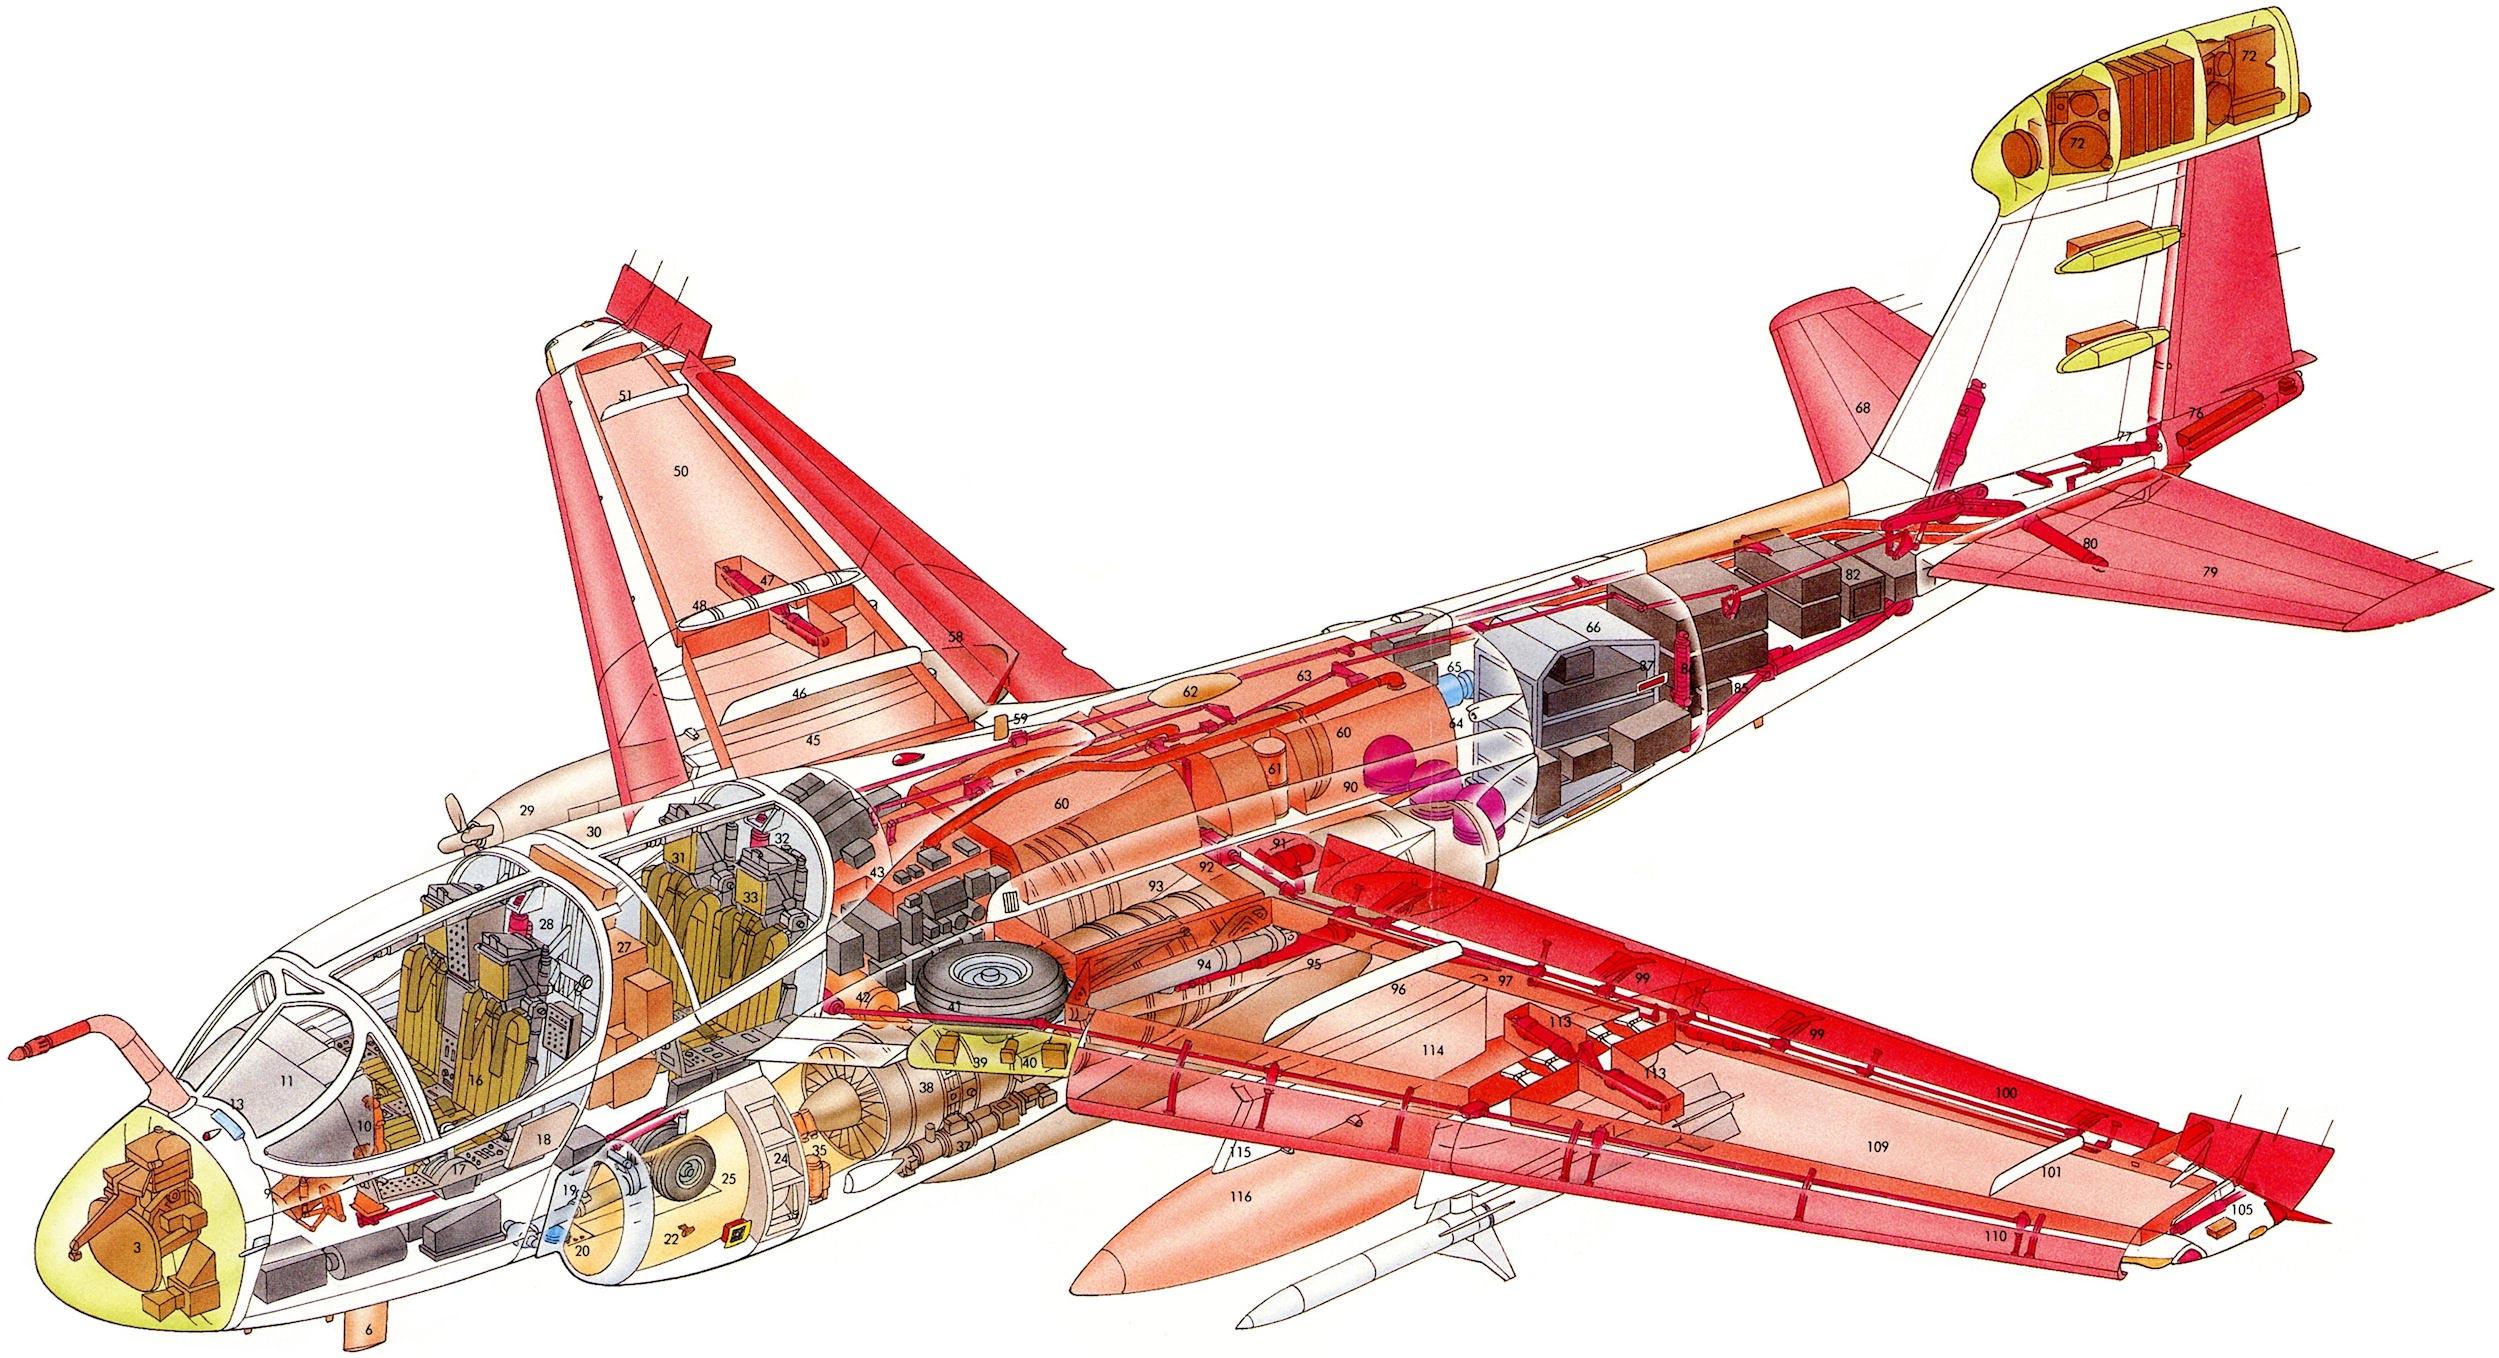 Northrop Grumman EA-6B Prowler cutaway